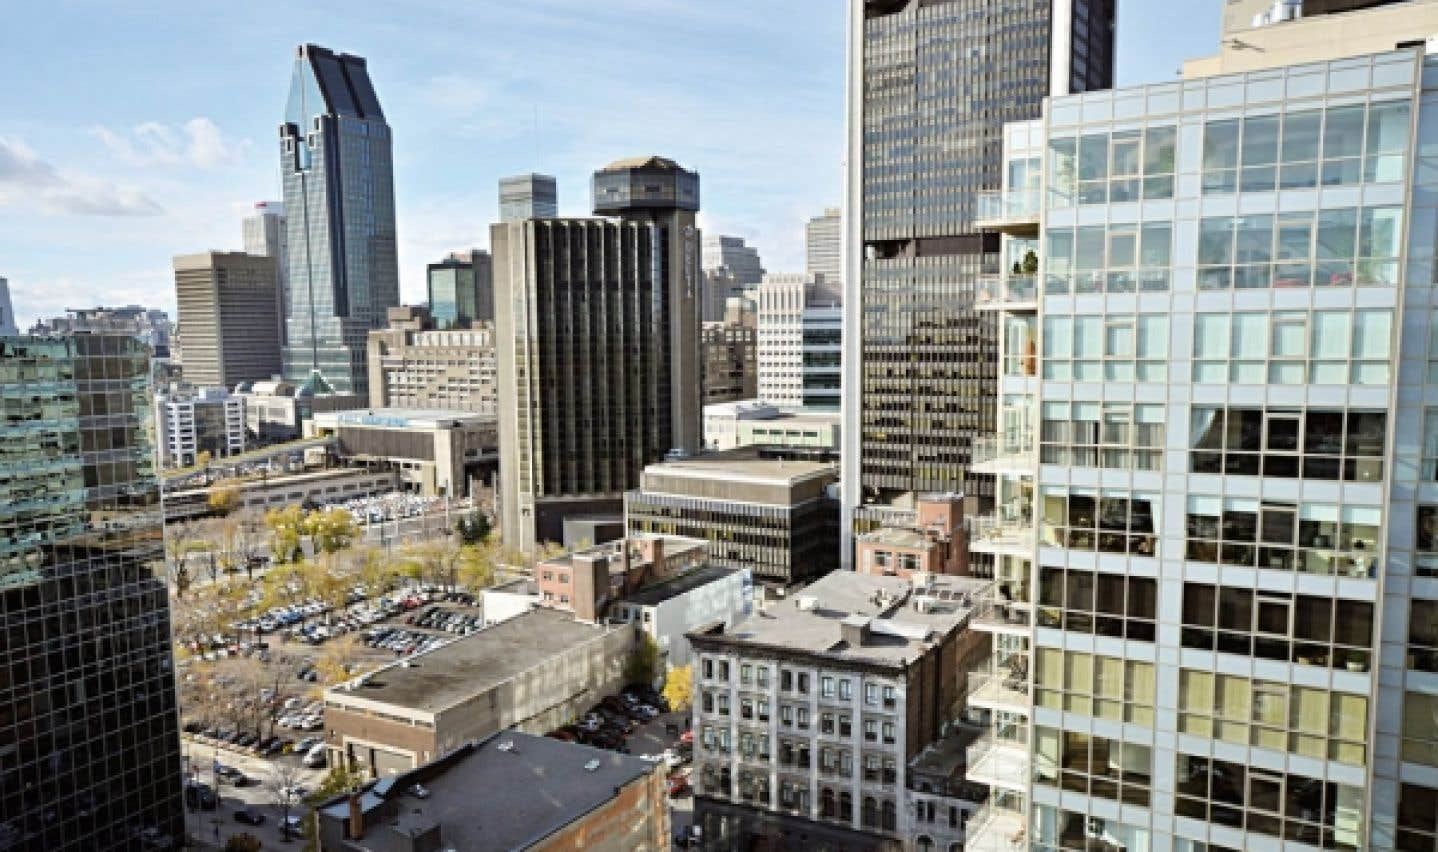 Les condos Saint M se situent à la croisée du Vieux-Montréal et du centre-ville.